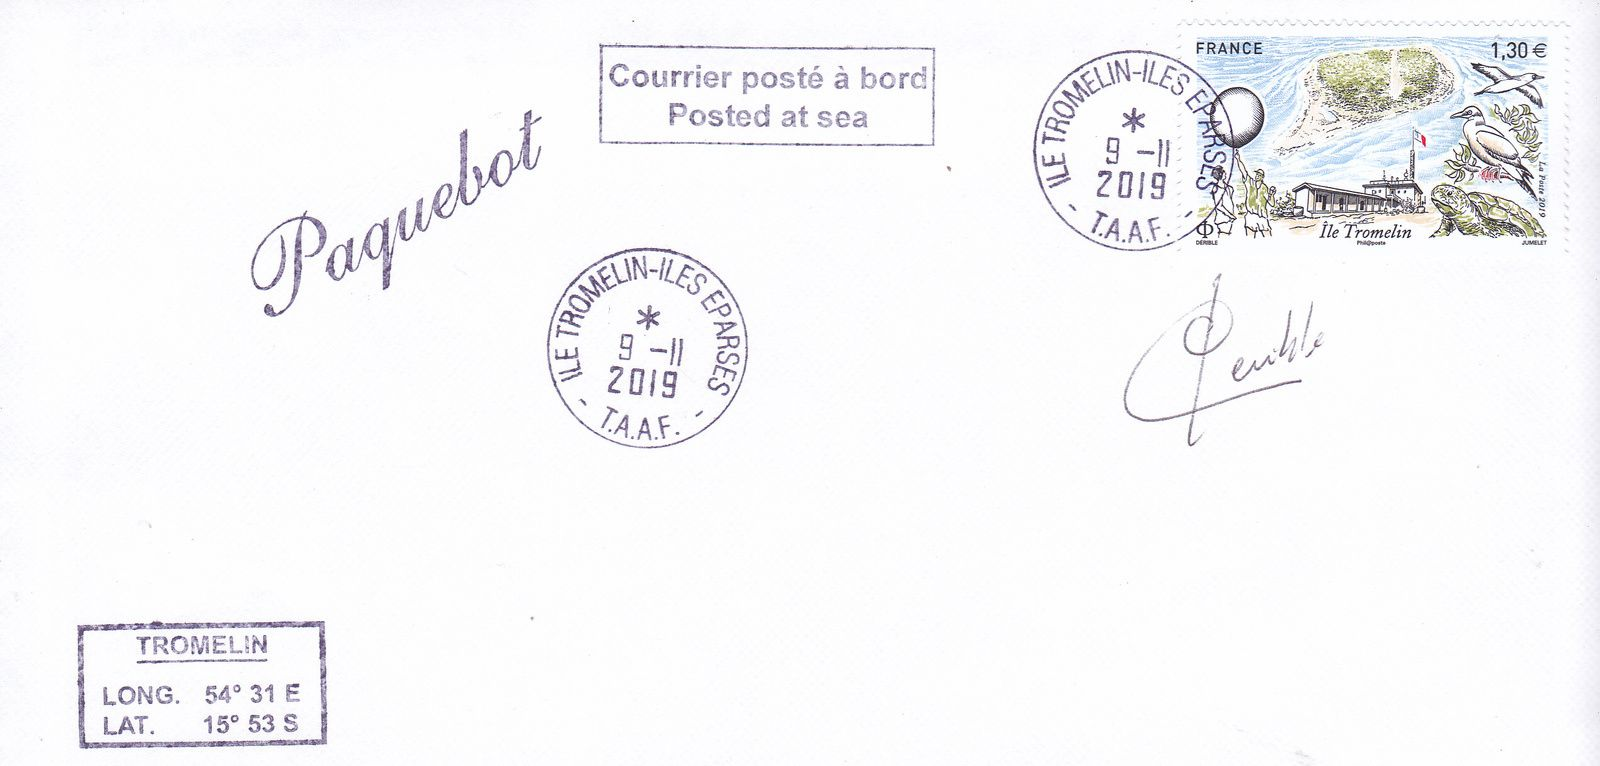 Fig.9: Carte postée à bord du Marion Dufresnes de passage à Tromelin le 9 novembre.